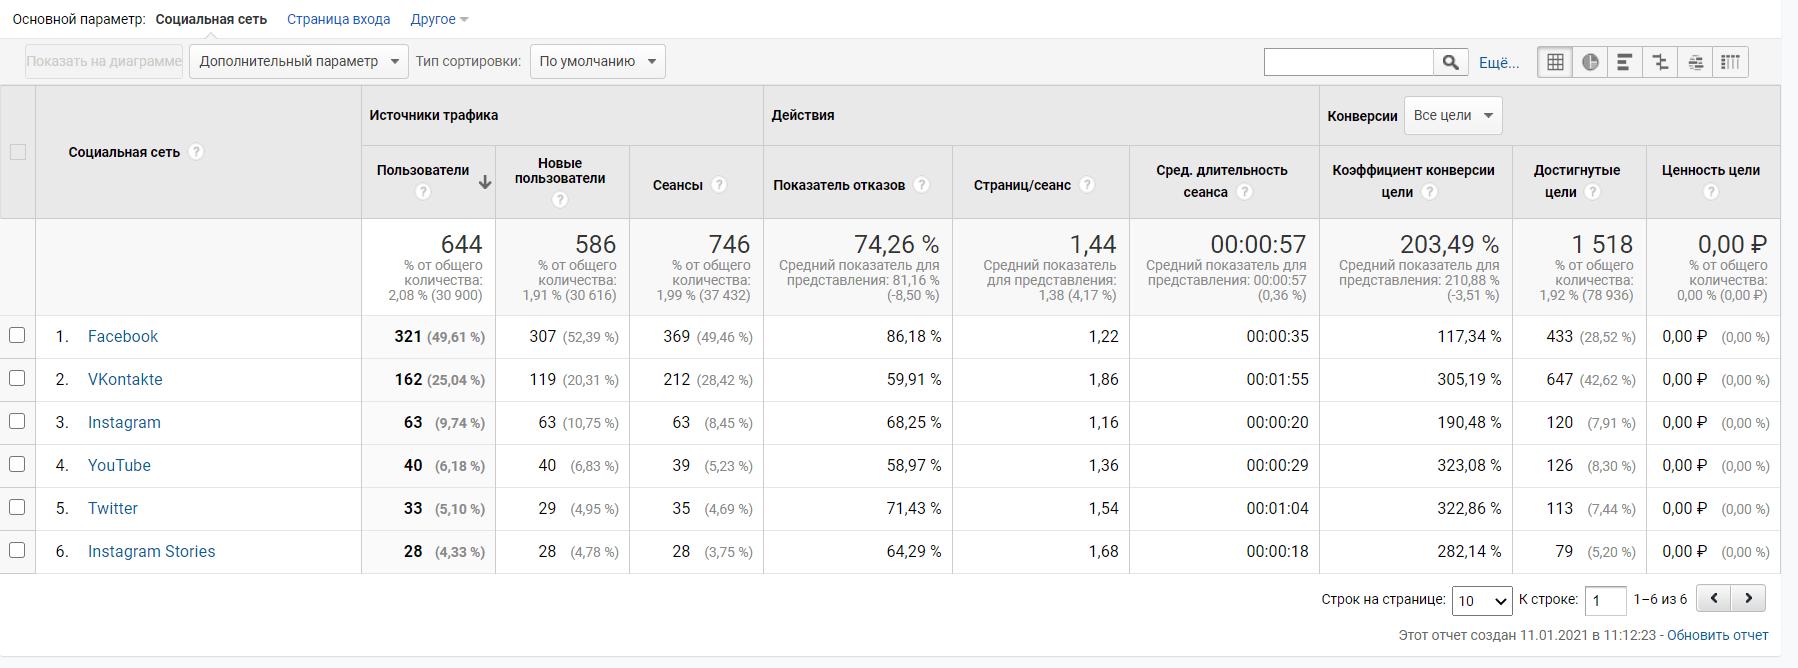 В Google Analytics можно собрать данные из множества источников, рассчитать нужные показатели и передать в сервис визуализации